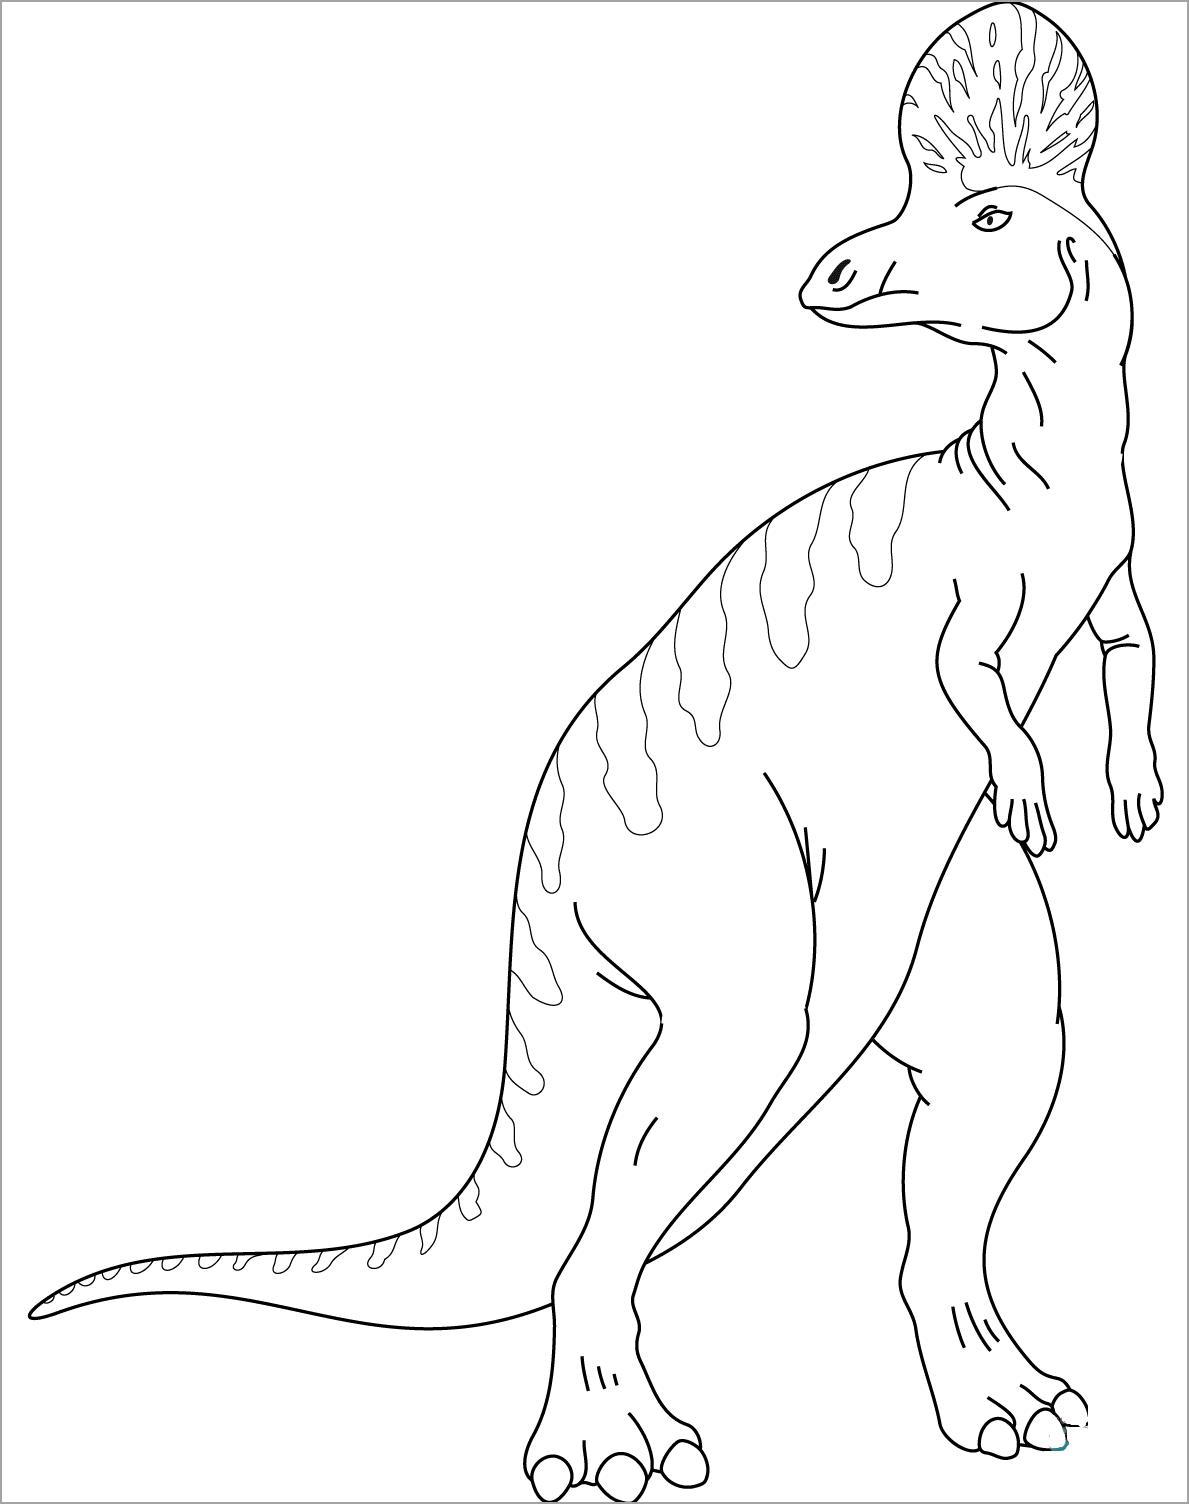 Tranh tập tô màu khủng long cho bé